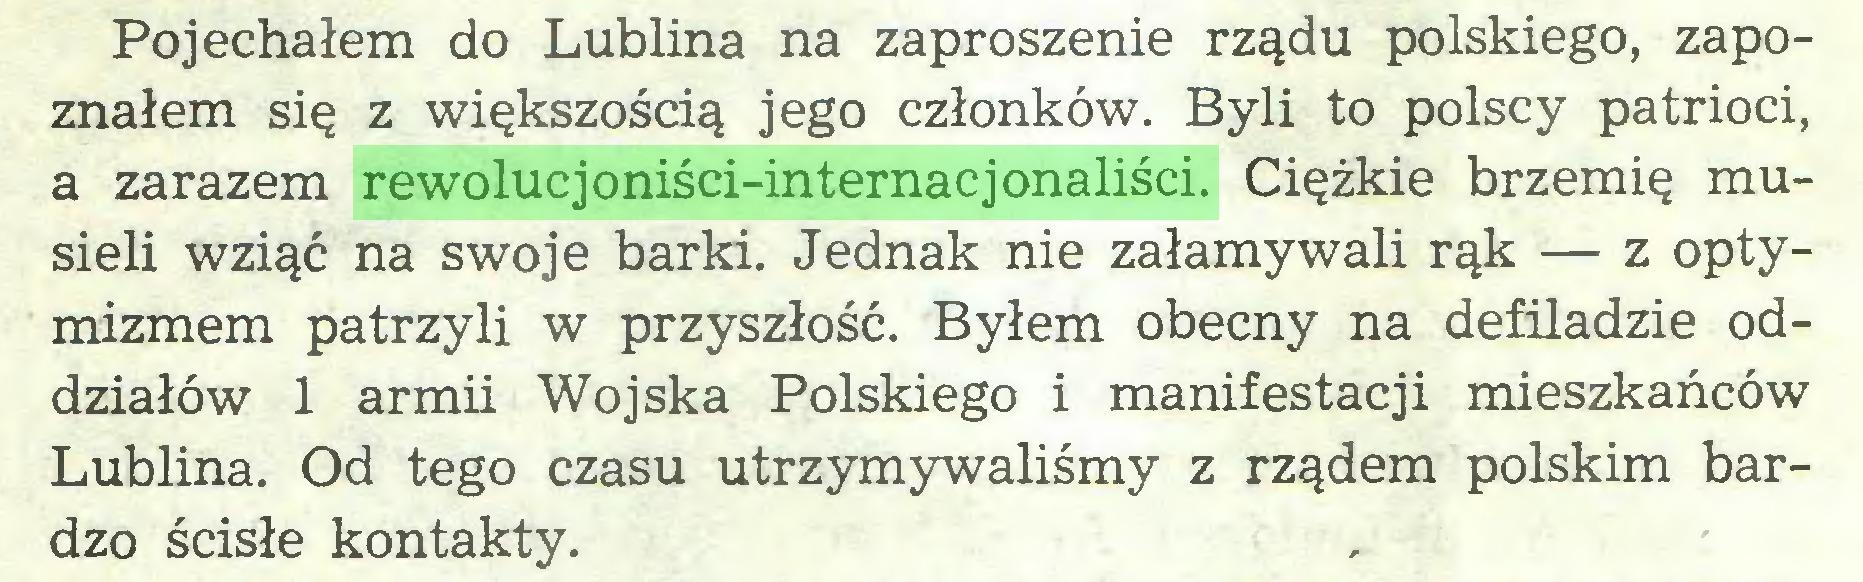 (...) Pojechałem do Lublina na zaproszenie rządu polskiego, zapoznałem się z większością jego członków. Byli to polscy patrioci, a zarazem rewolucjoniści-internacjonaliści. Ciężkie brzemię musieli wziąć na swoje barki. Jednak nie załamywali rąk — z optymizmem patrzyli w przyszłość. Byłem obecny na defiladzie oddziałów 1 armii Wojska Polskiego i manifestacji mieszkańców Lublina. Od tego czasu utrzymywaliśmy z rządem polskim bardzo ścisłe kontakty...